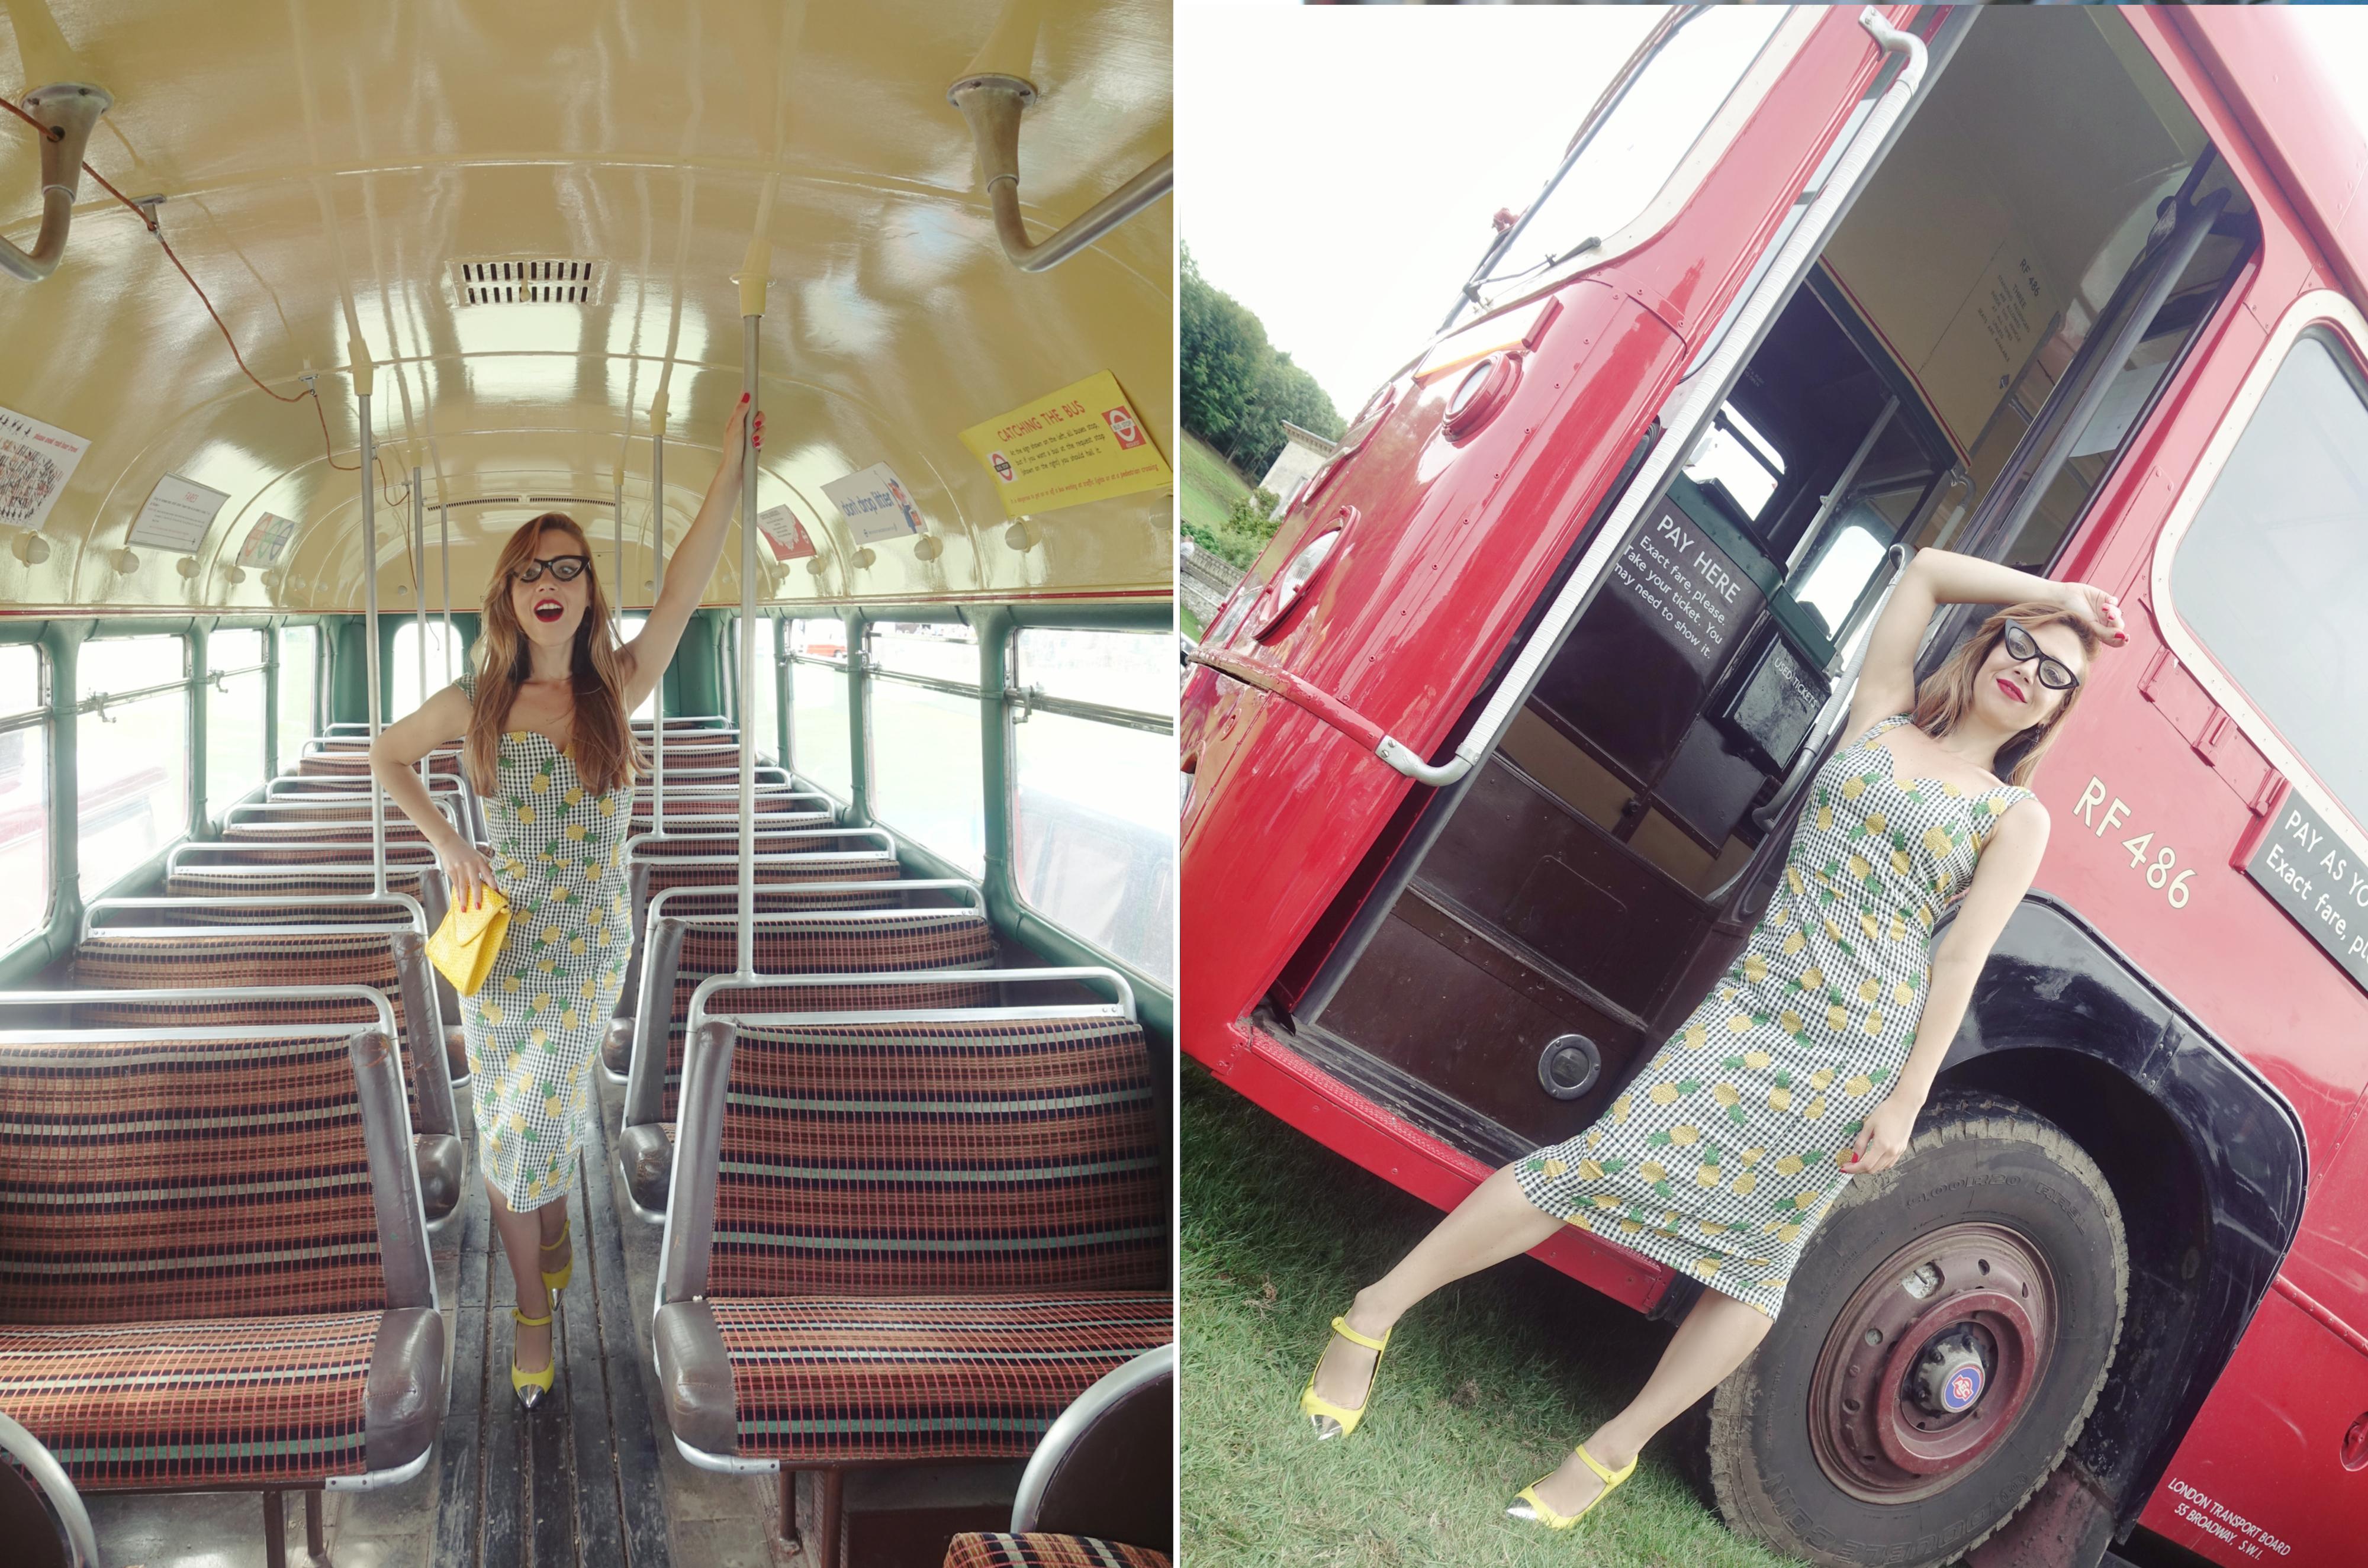 London-bus-look-retro-collectif-influencer-Chicadicta-blog-de-moda-PiensaenChic-travel-fashion-chic-adicta-Piensa-en-chic